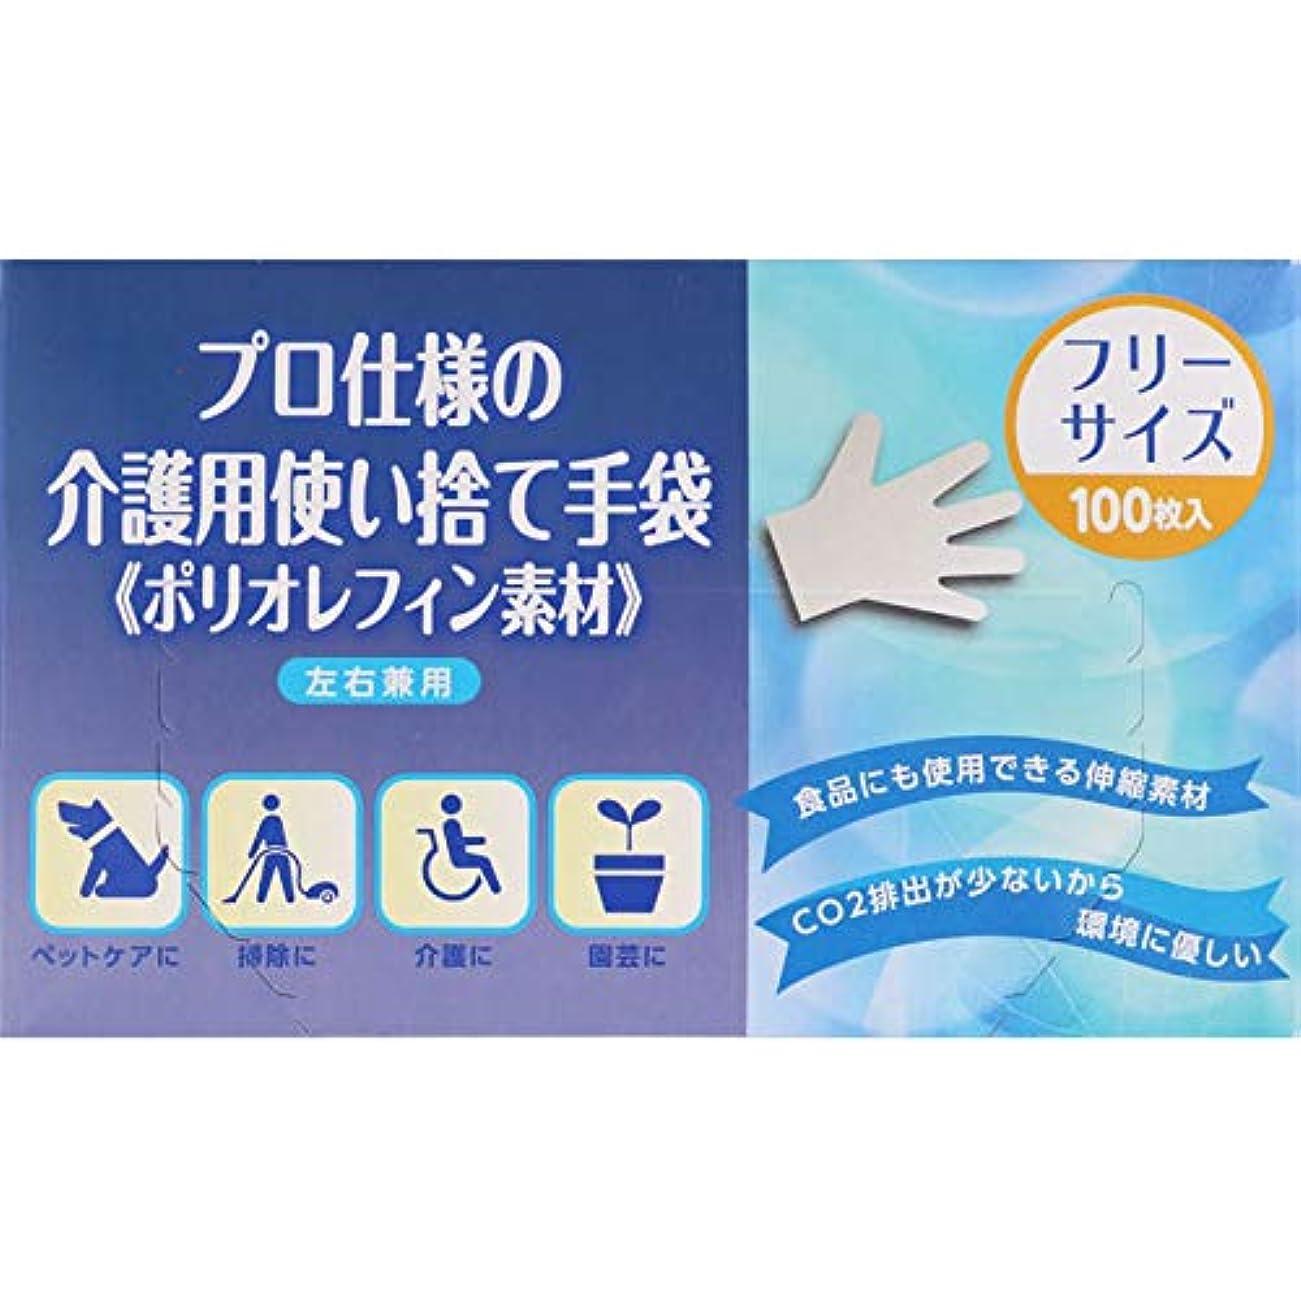 中協力バイアス【5個セット】プロ仕様の介護用使い捨て手袋《ポリオレフィン素材》 100枚